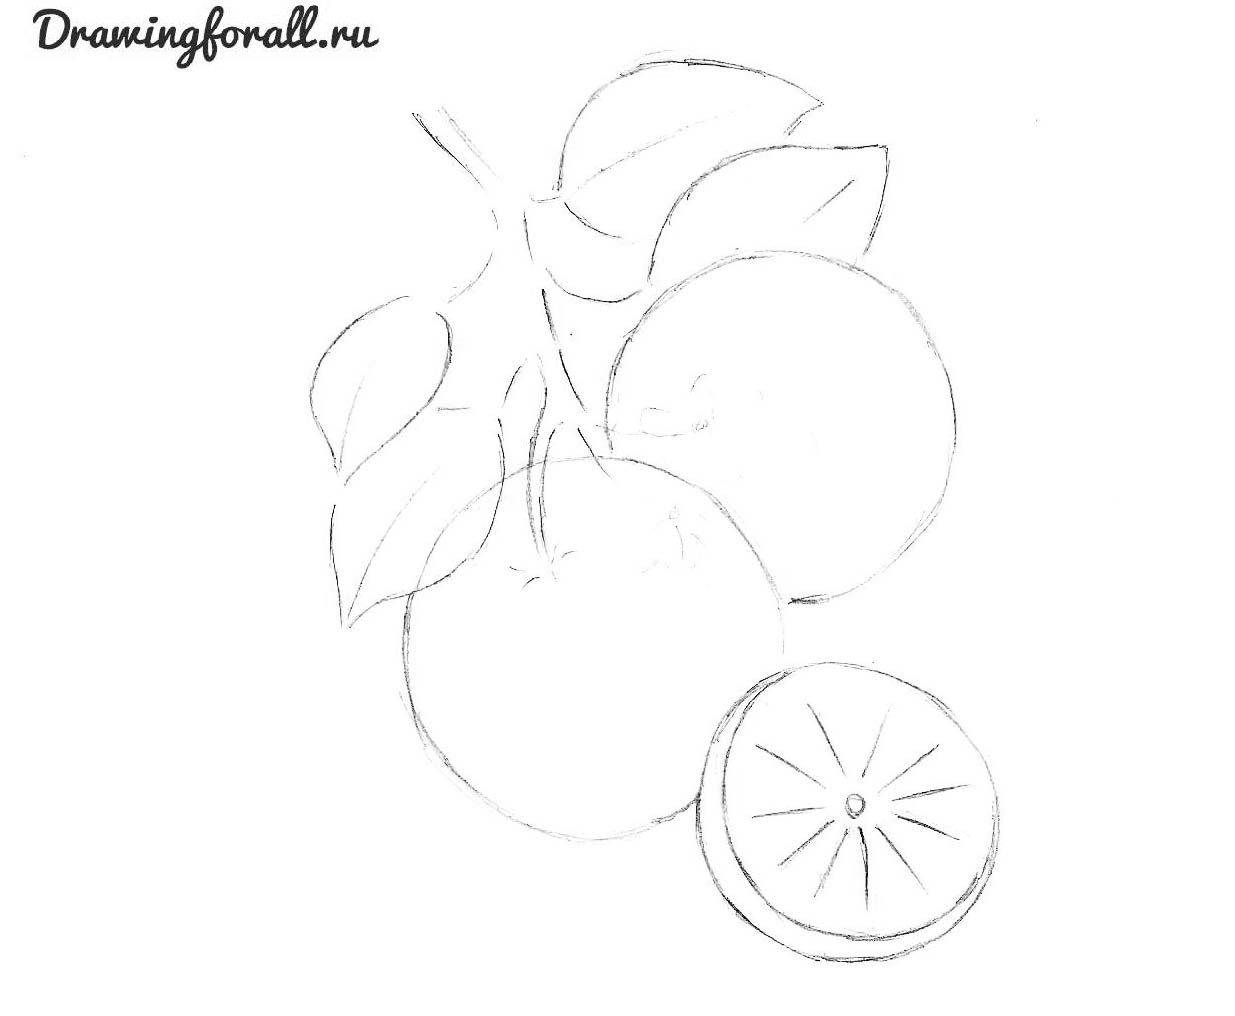 как нарисовать апельсин поэтапно